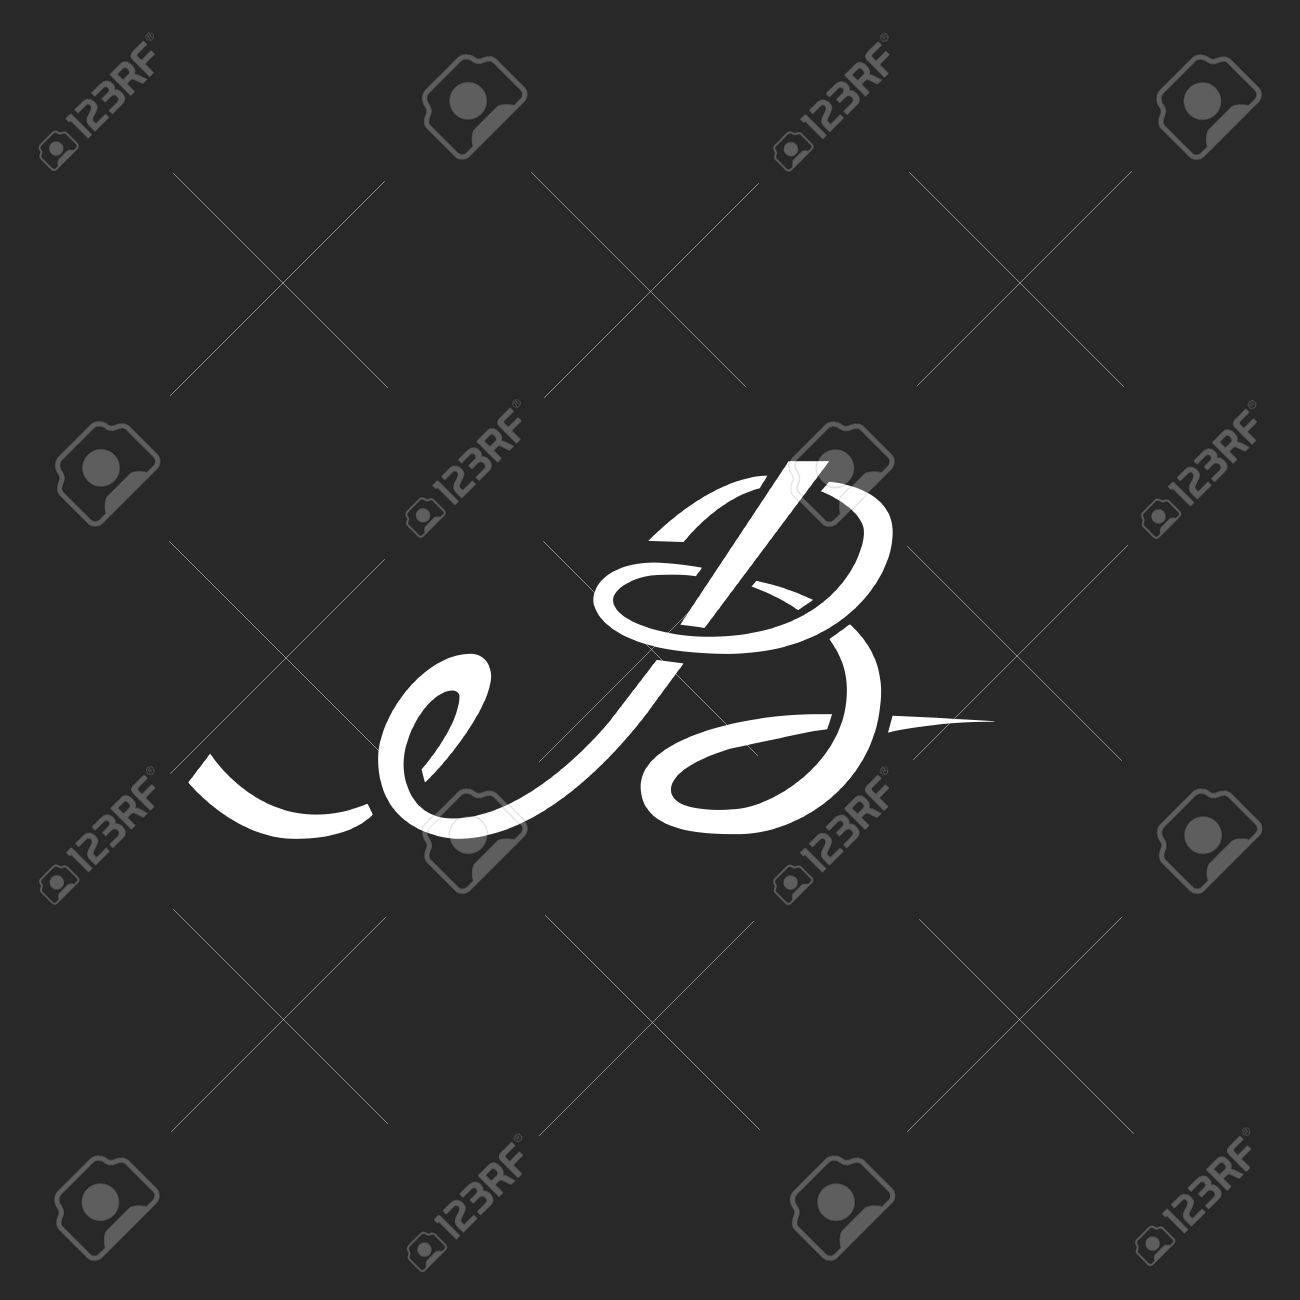 Kalli B Monogramm Brief, Kreuzung Dünne Linie Stil Anfangs Für Hochzeit,  Einladung, Mockup